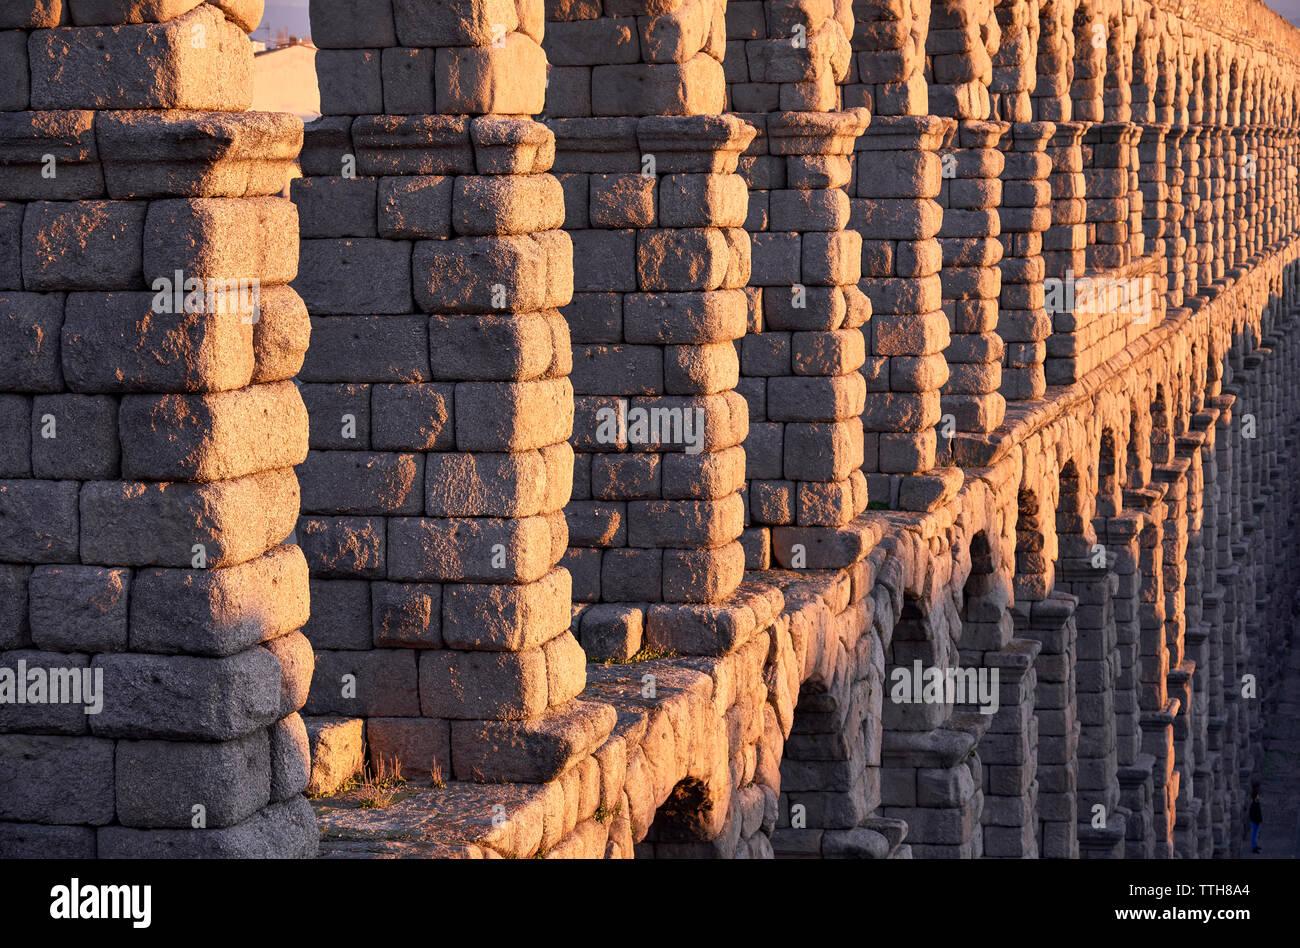 Spain, Castile and Leon, Segovia, Aqueduct of Segovia Stock Photo